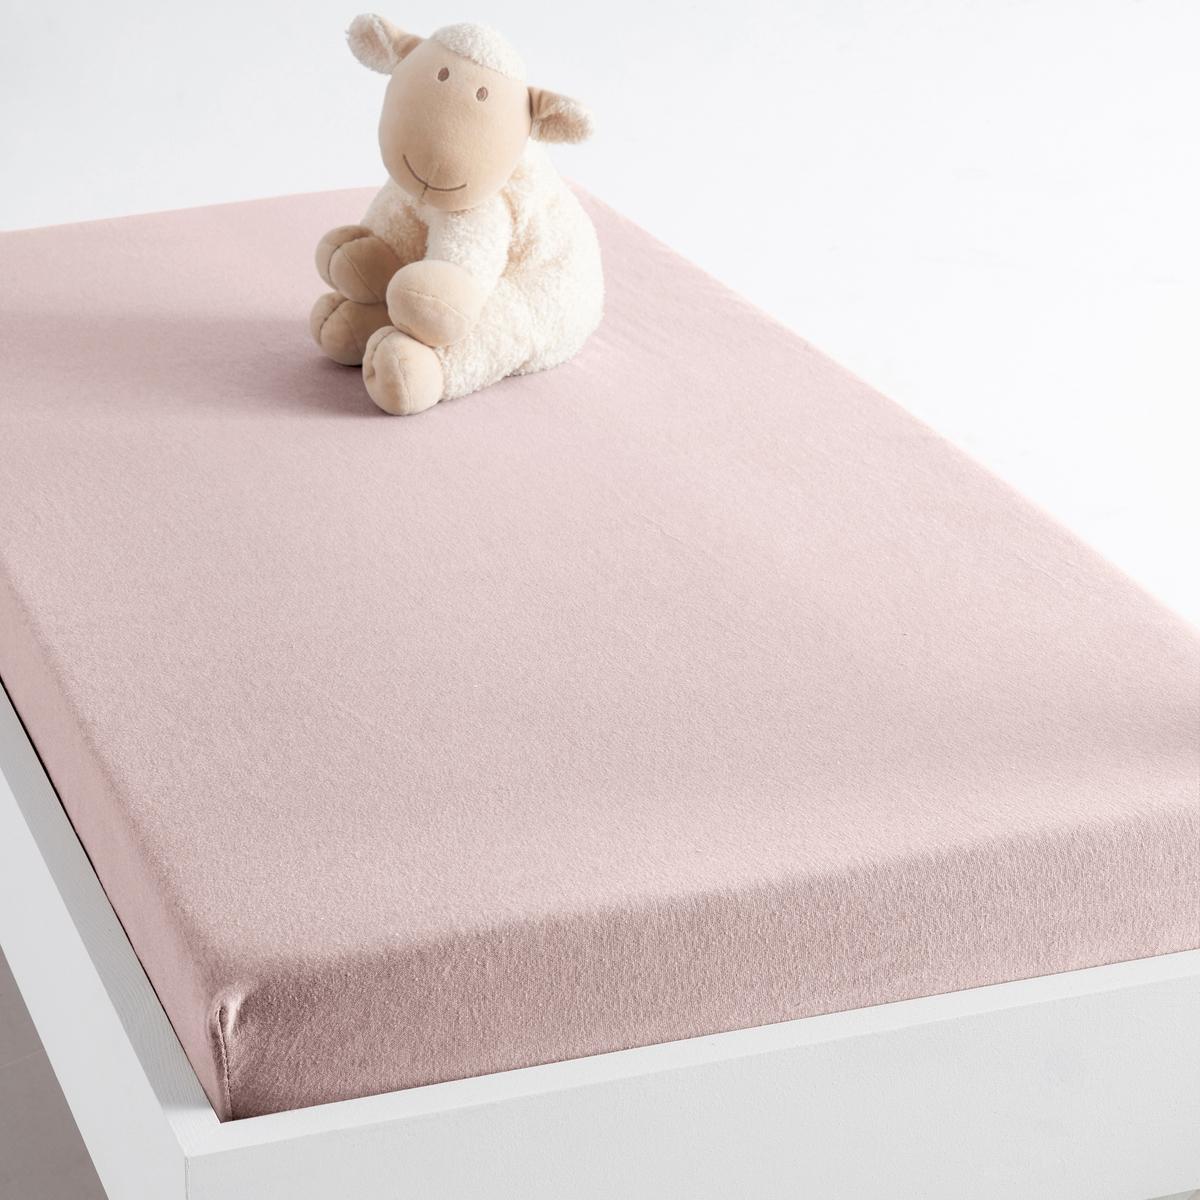 купить Простыня натяжная из джерси, 100% биохлопок, для детской кровати по цене 439.2 рублей